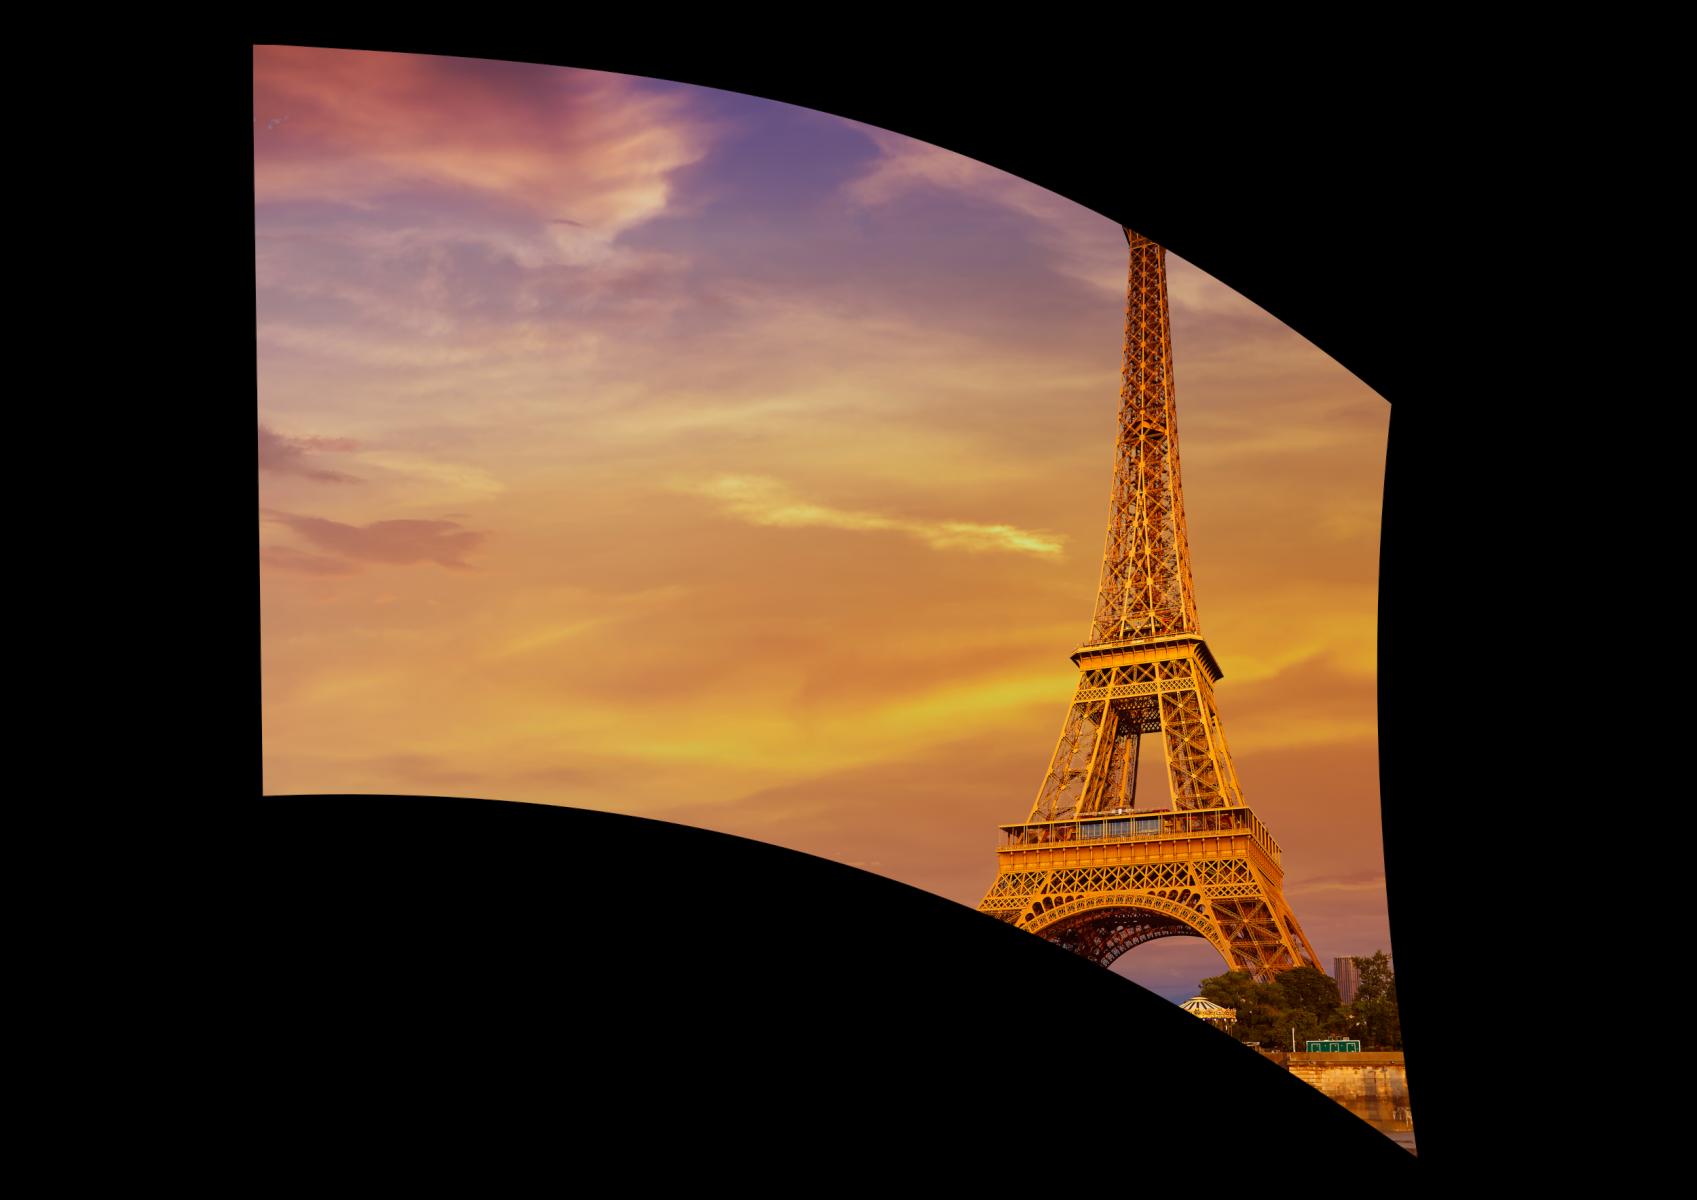 060308s - 36x54 Standard Eiffel Tower 3